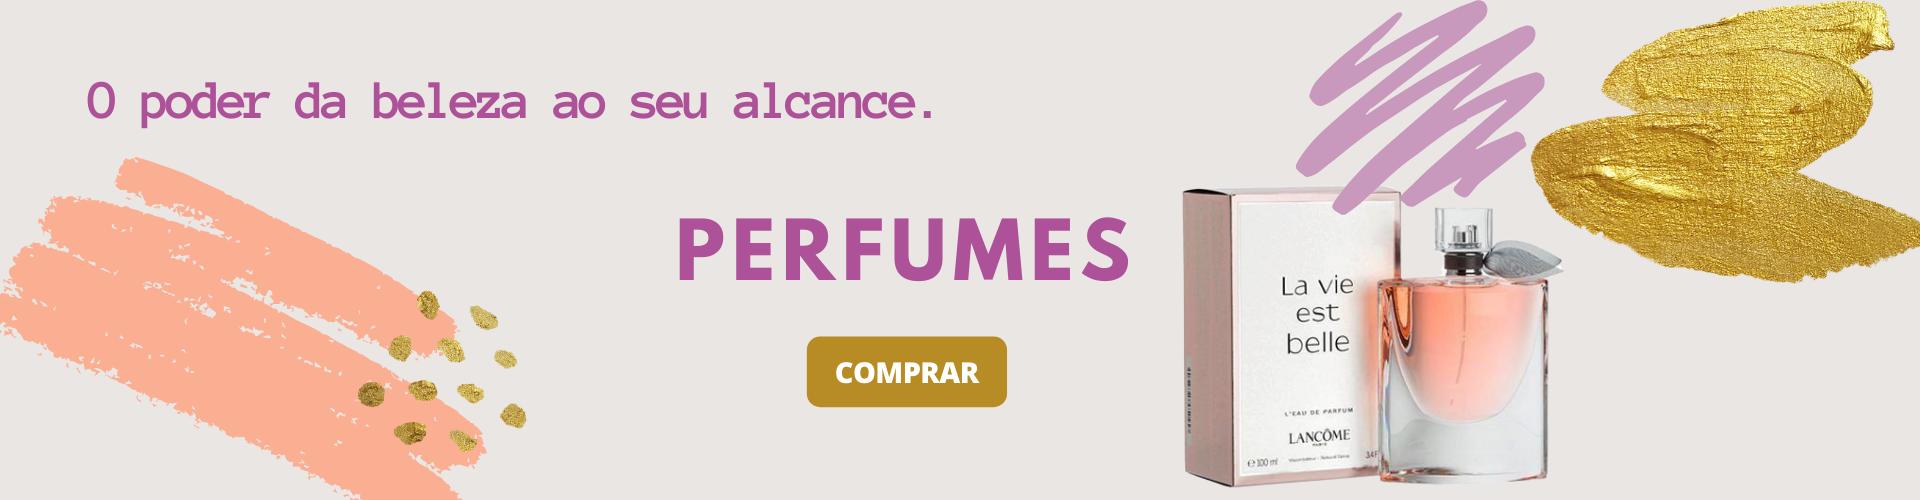 SuperOff - perfumes